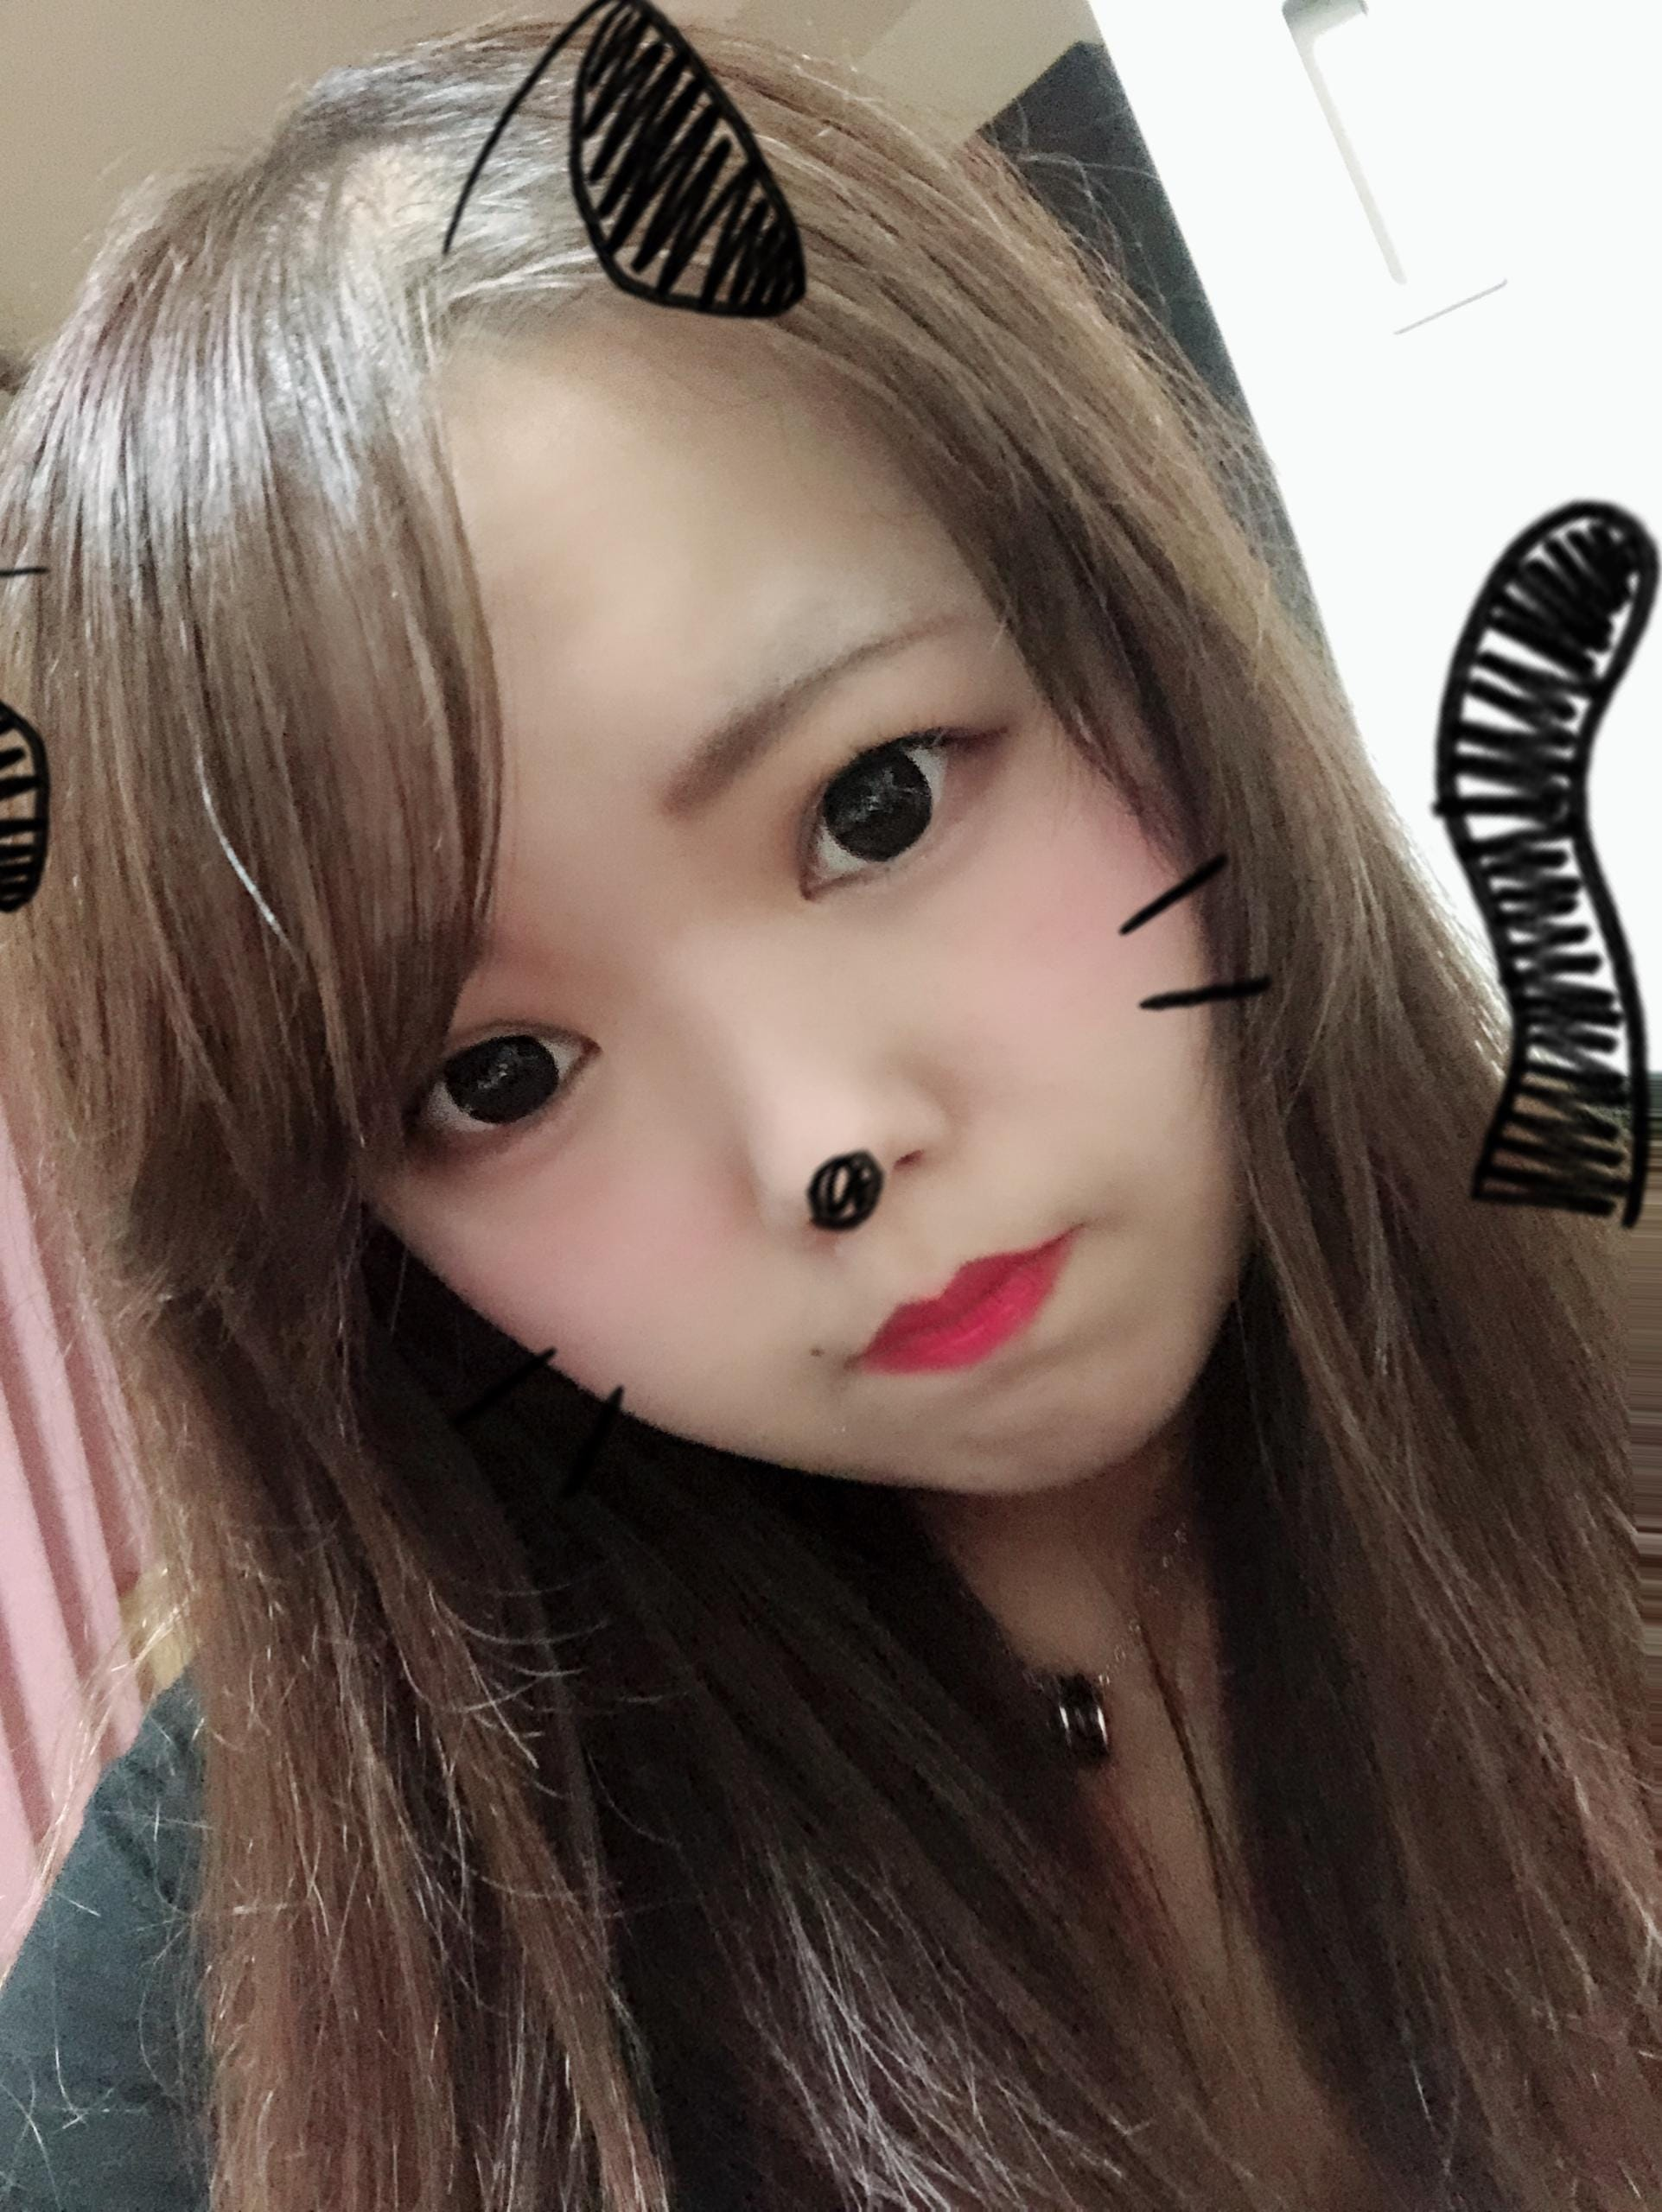 「こんばんは!」07/17(火) 00:32 | なぎさの写メ・風俗動画